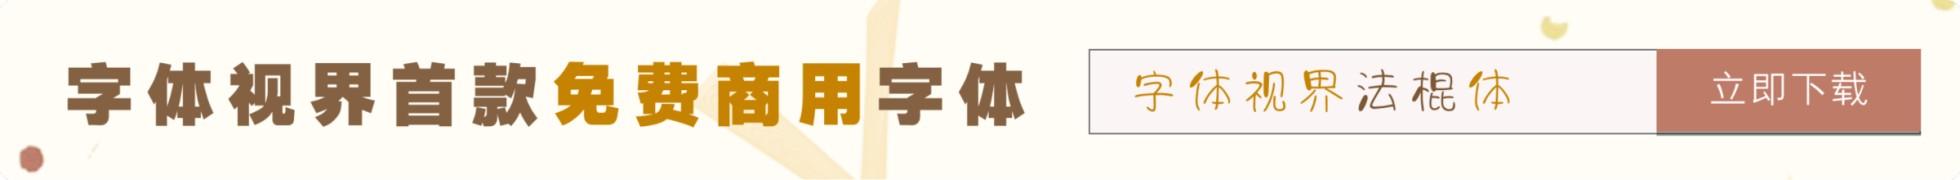 字体视界-字体法棍体